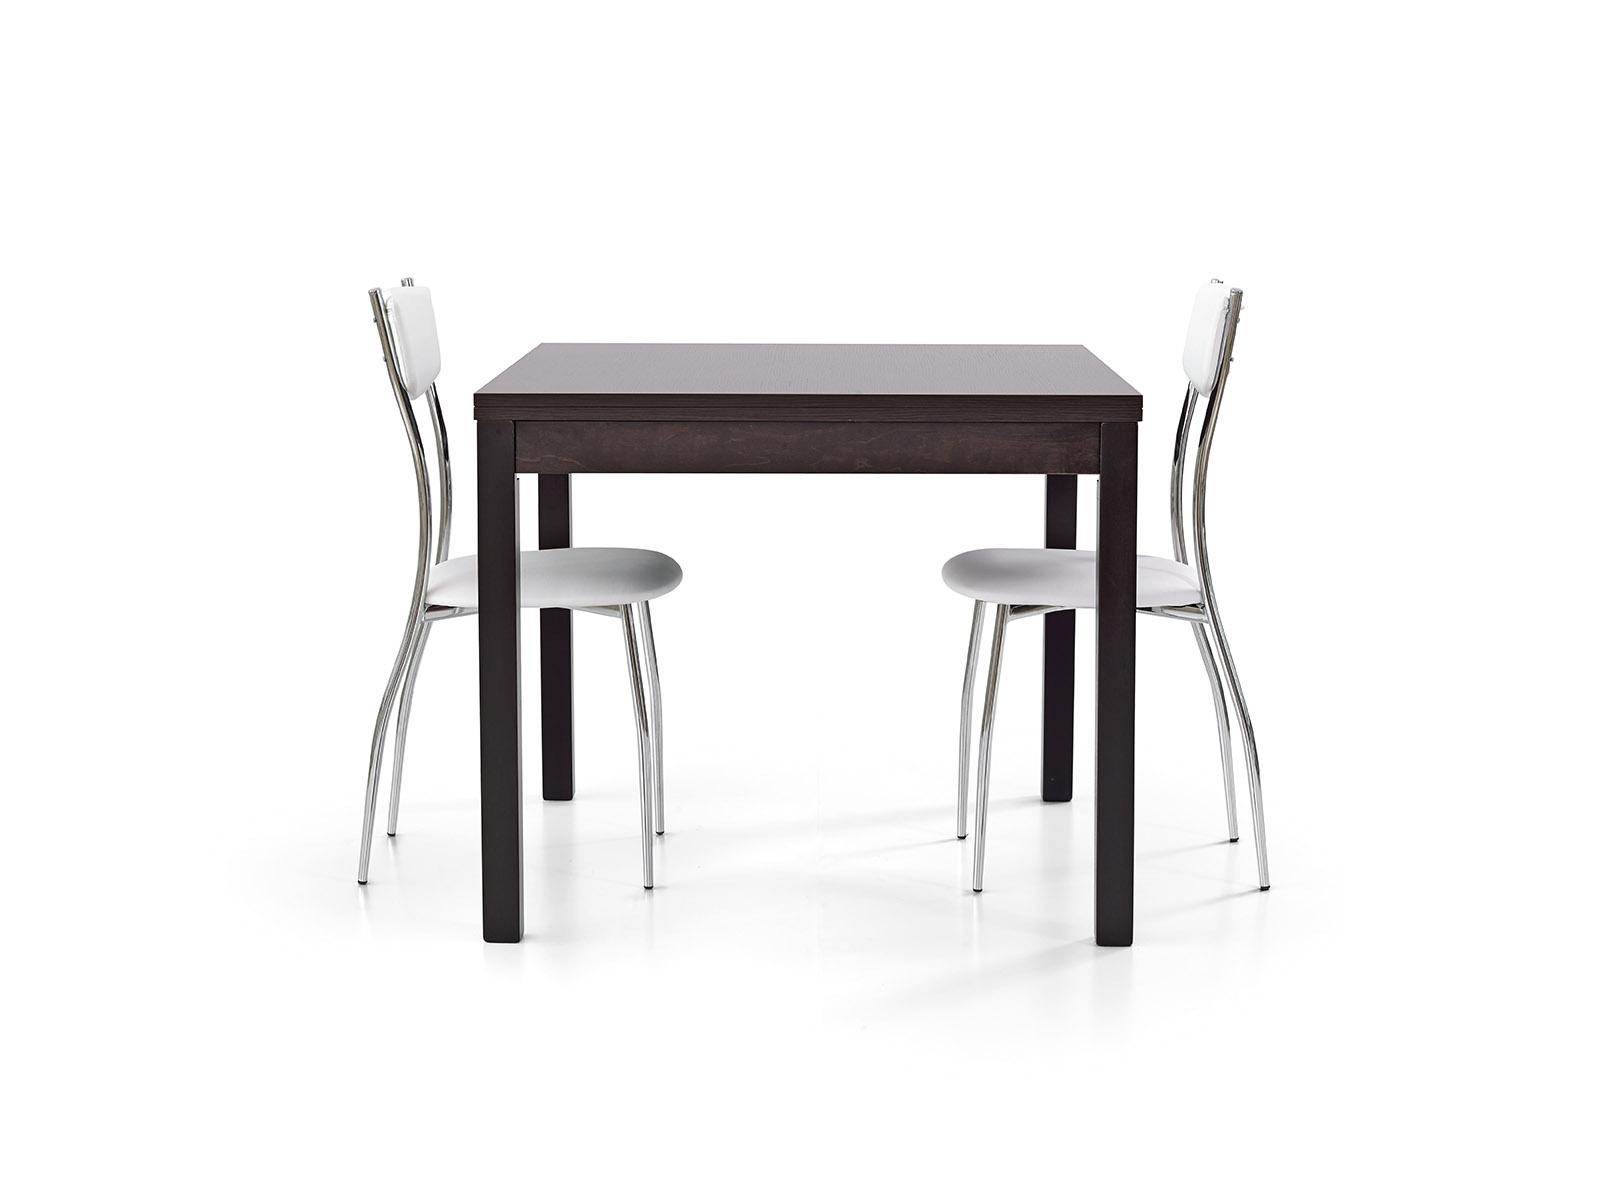 Tavoli quadrati allungabili a libro design casa creativa for Tavolo 90x90 allungabile